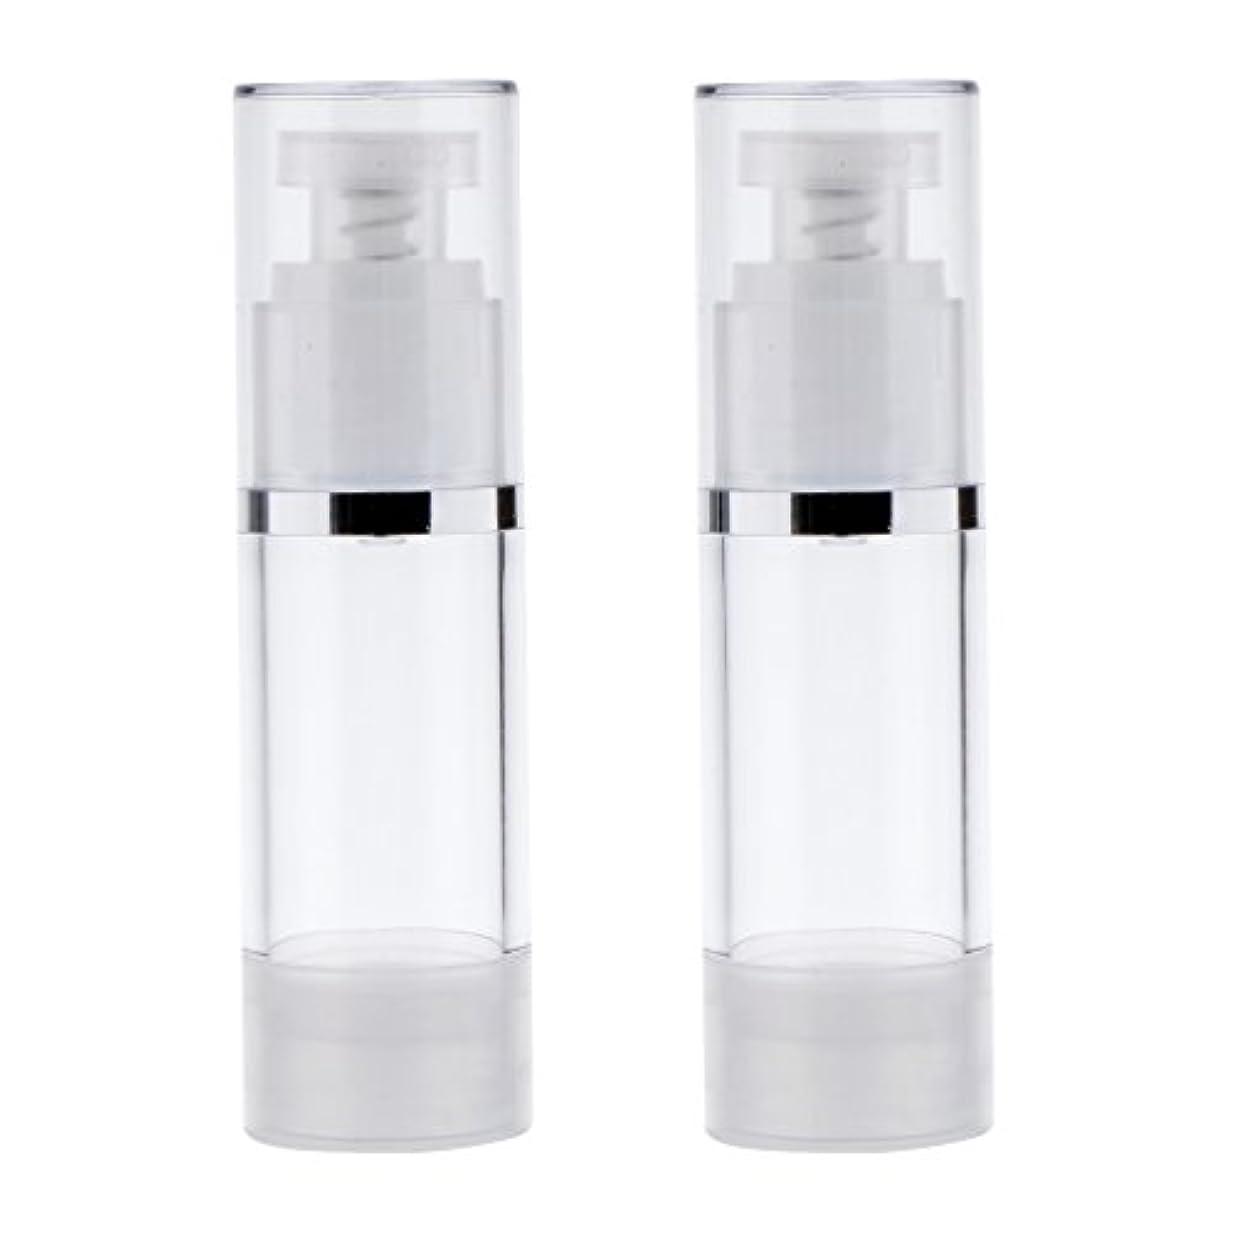 捨てるバリケードバウンス2個 ポンプボトル ポンプチューブ エアレスボトル ディスペンサー コスメ 詰替えボトル 旅行小物 出張 3サイズ選べる - 30ml